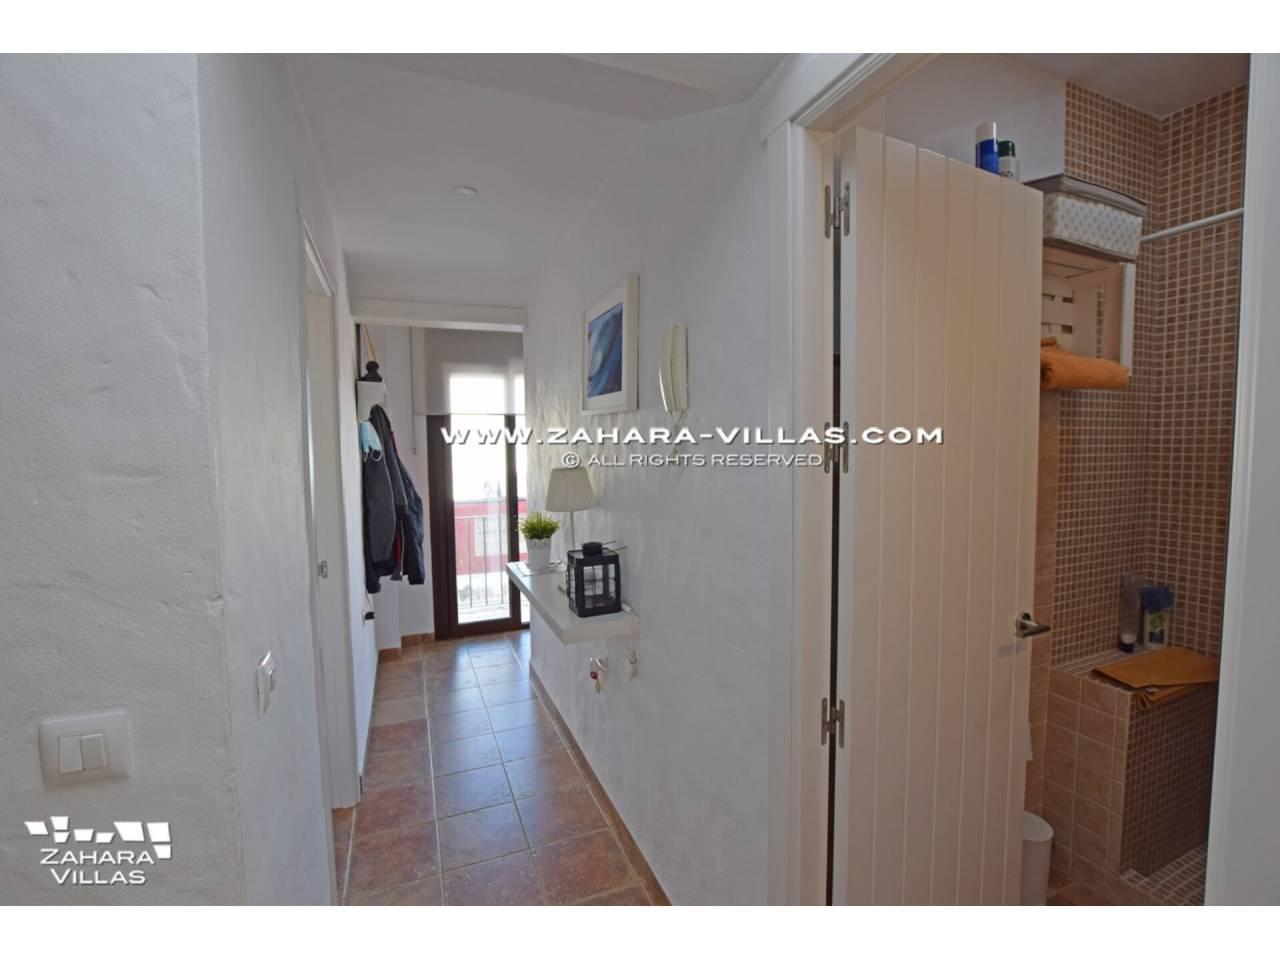 Imagen 27 de Haus zum verkauf in Zahara de los Atunes